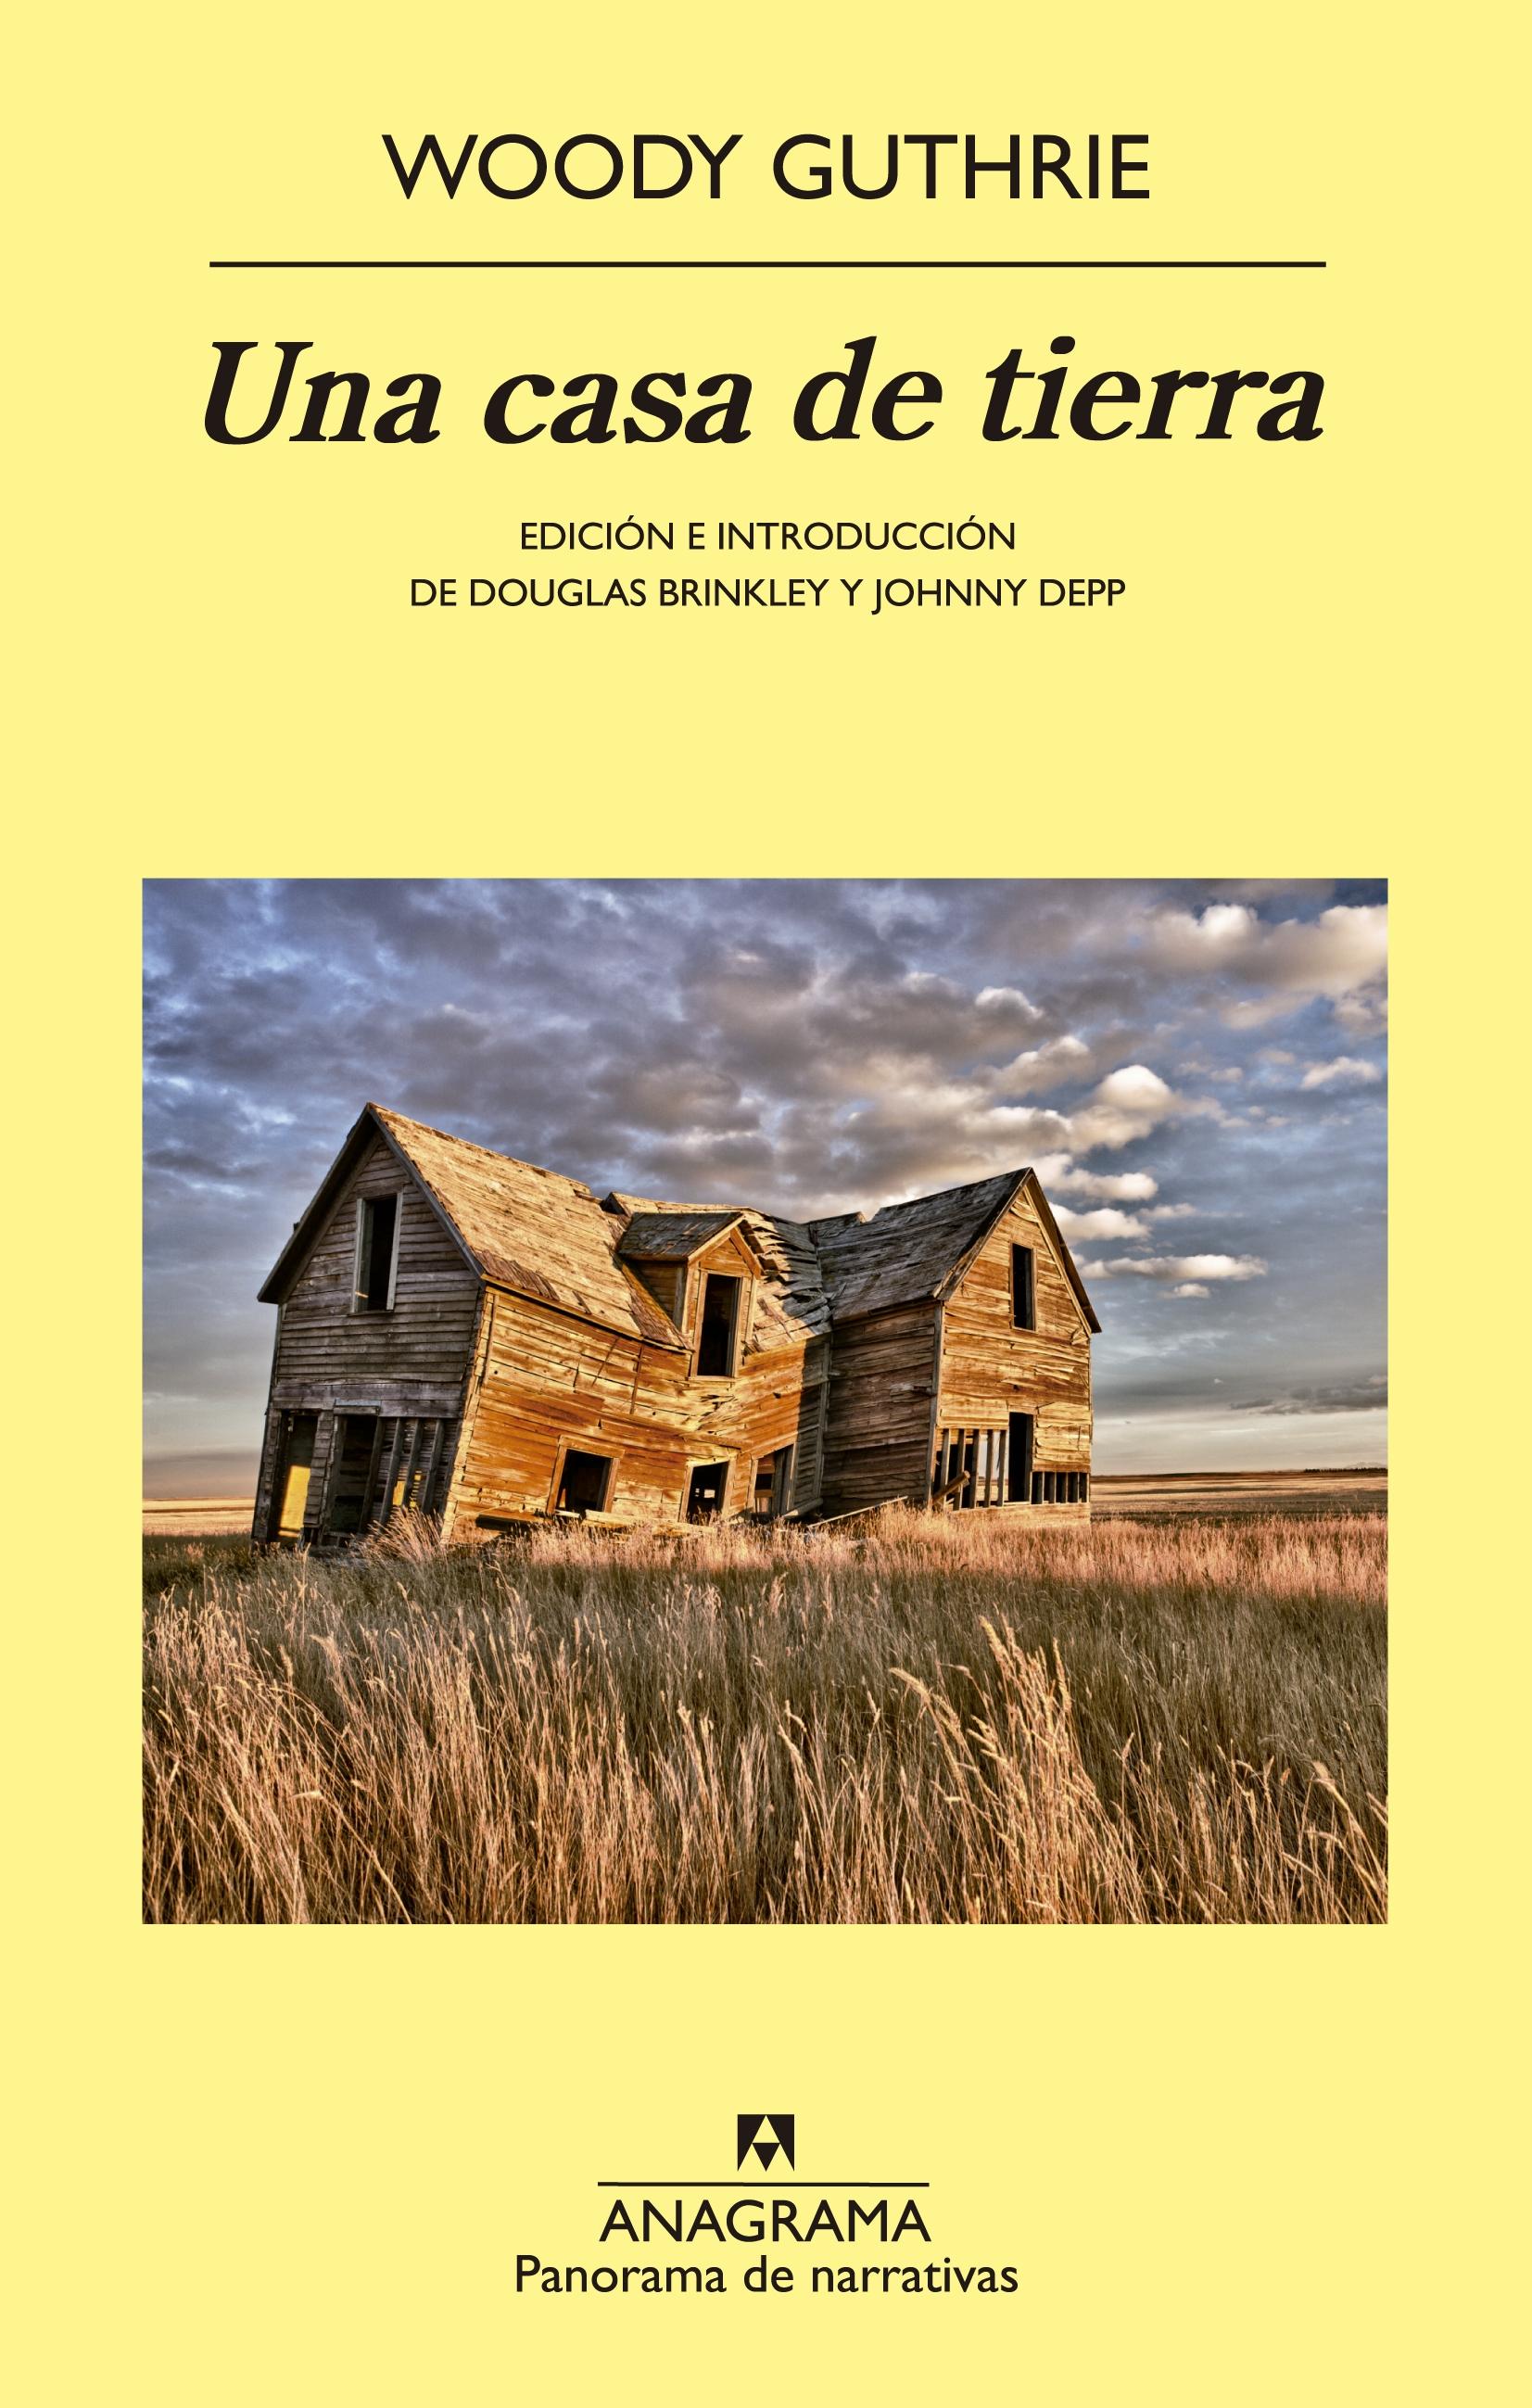 Una casa de tierra - Editorial Anagrama